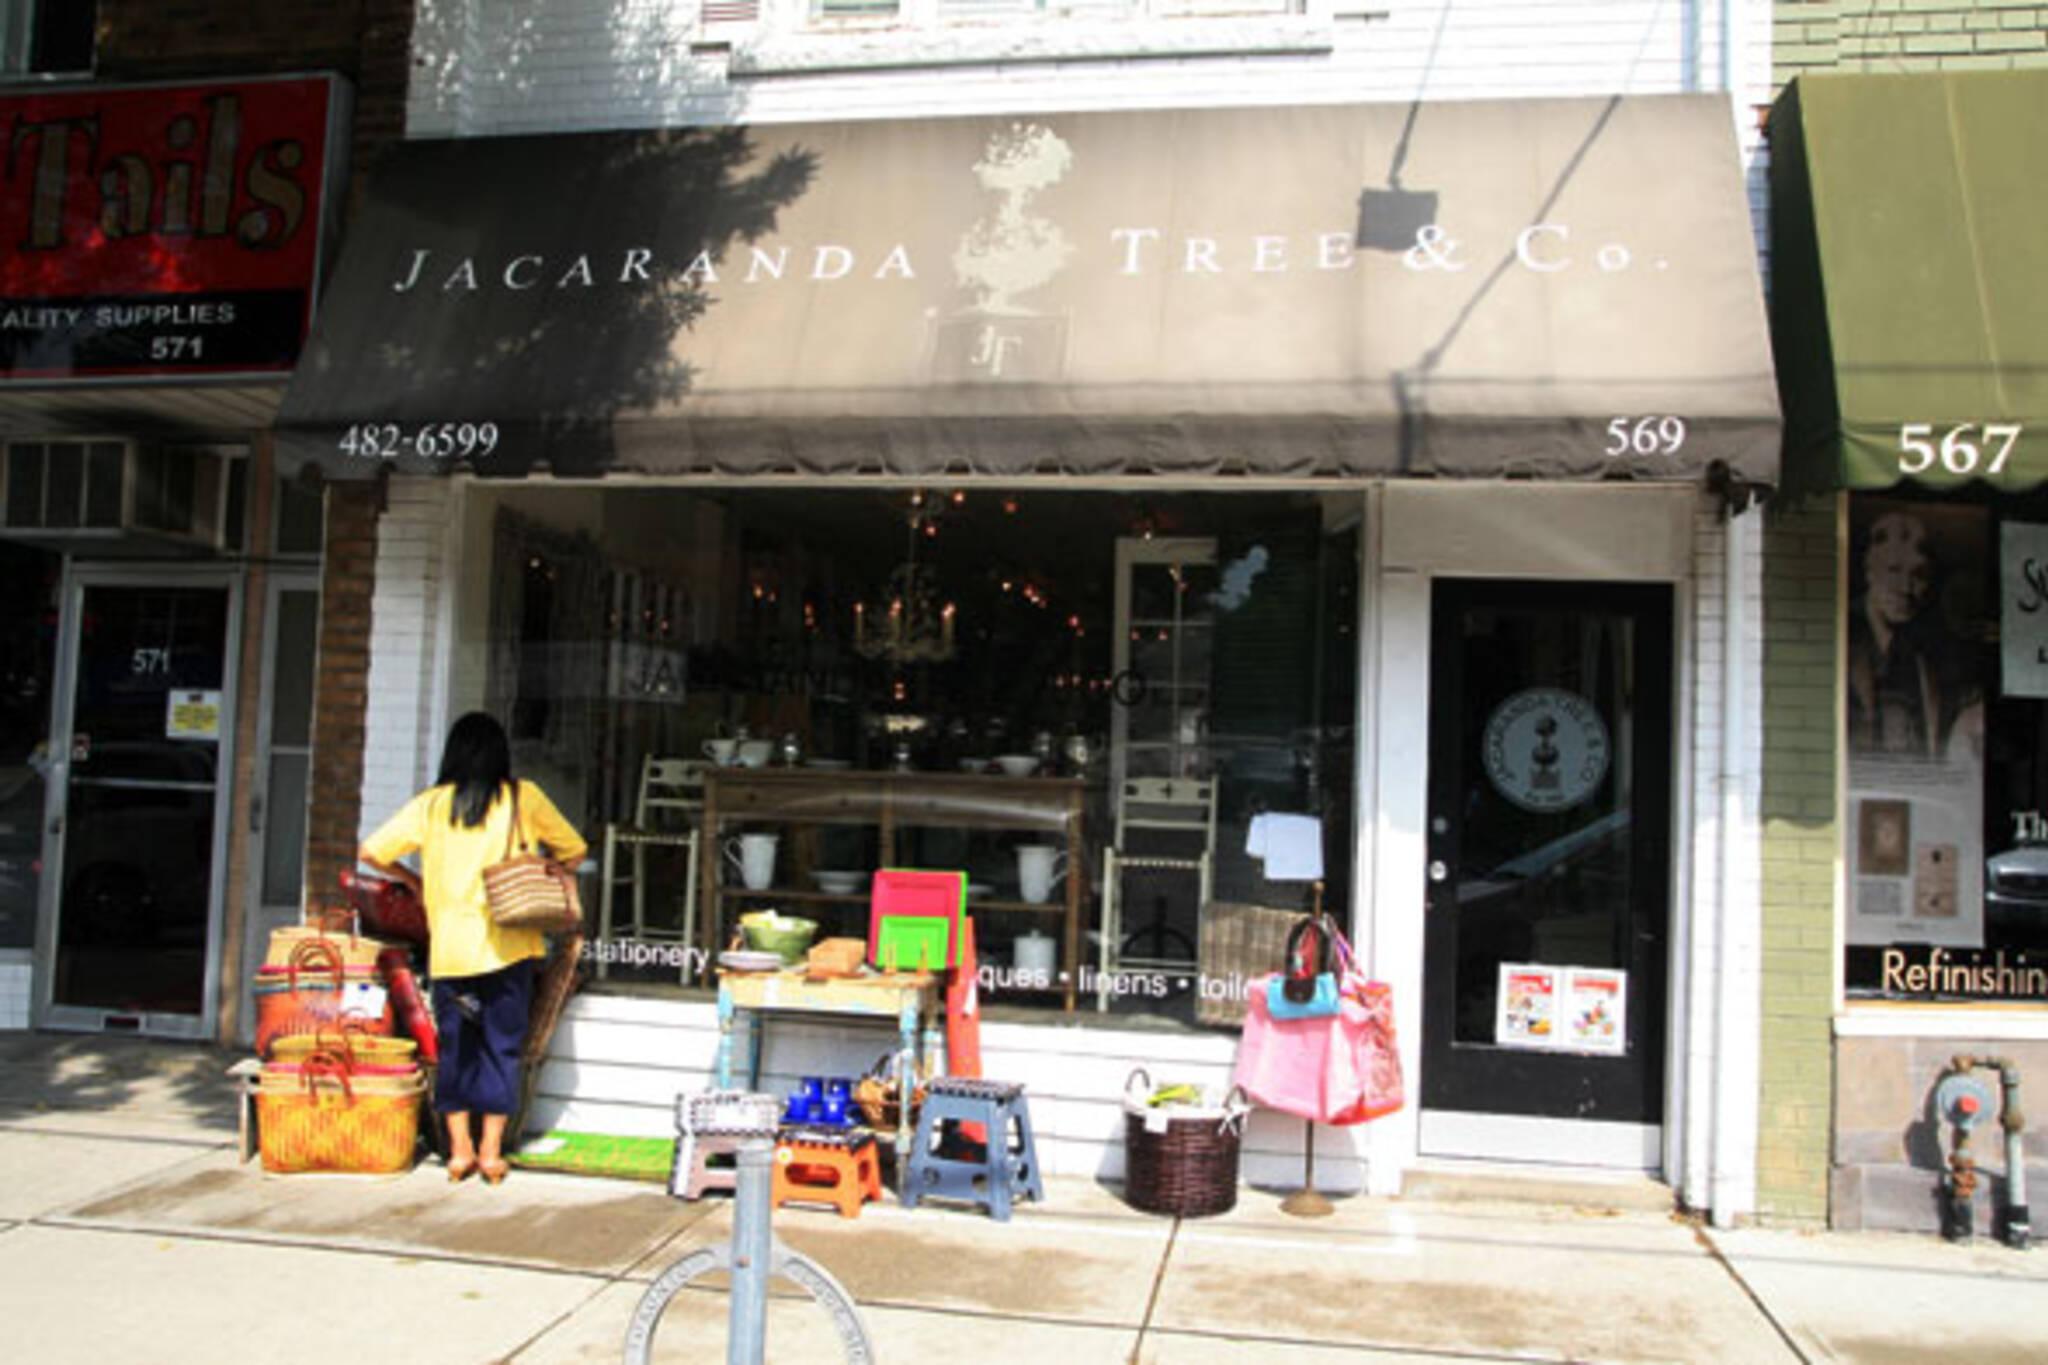 Jacaranda Tree Toronto